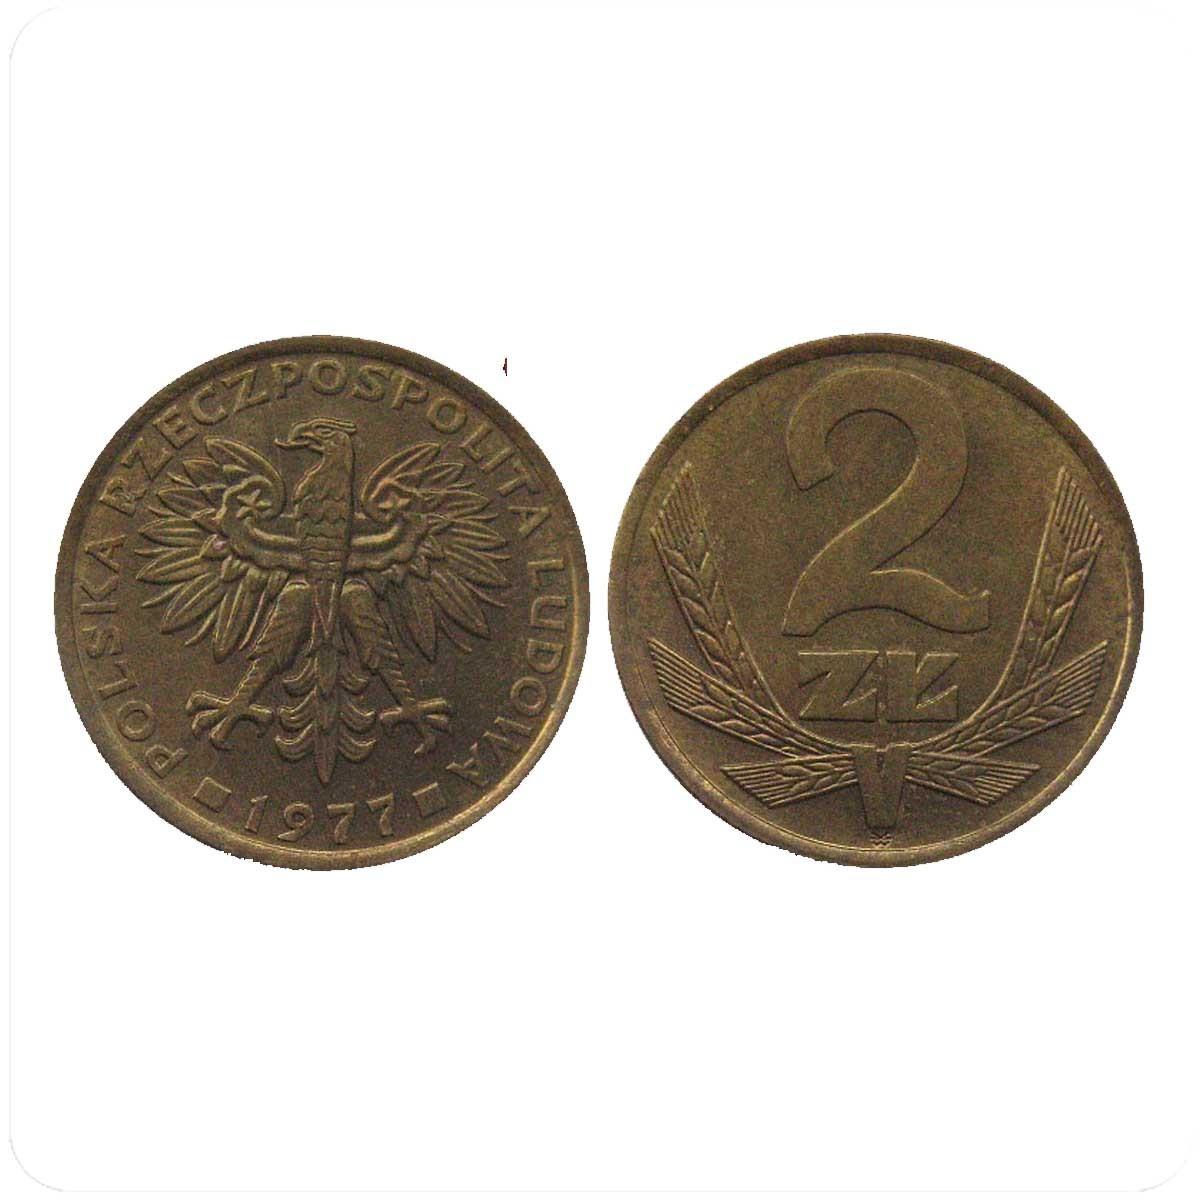 Монеты великобритании регулярный чекан редкие монеты 1999 года 1 рубль